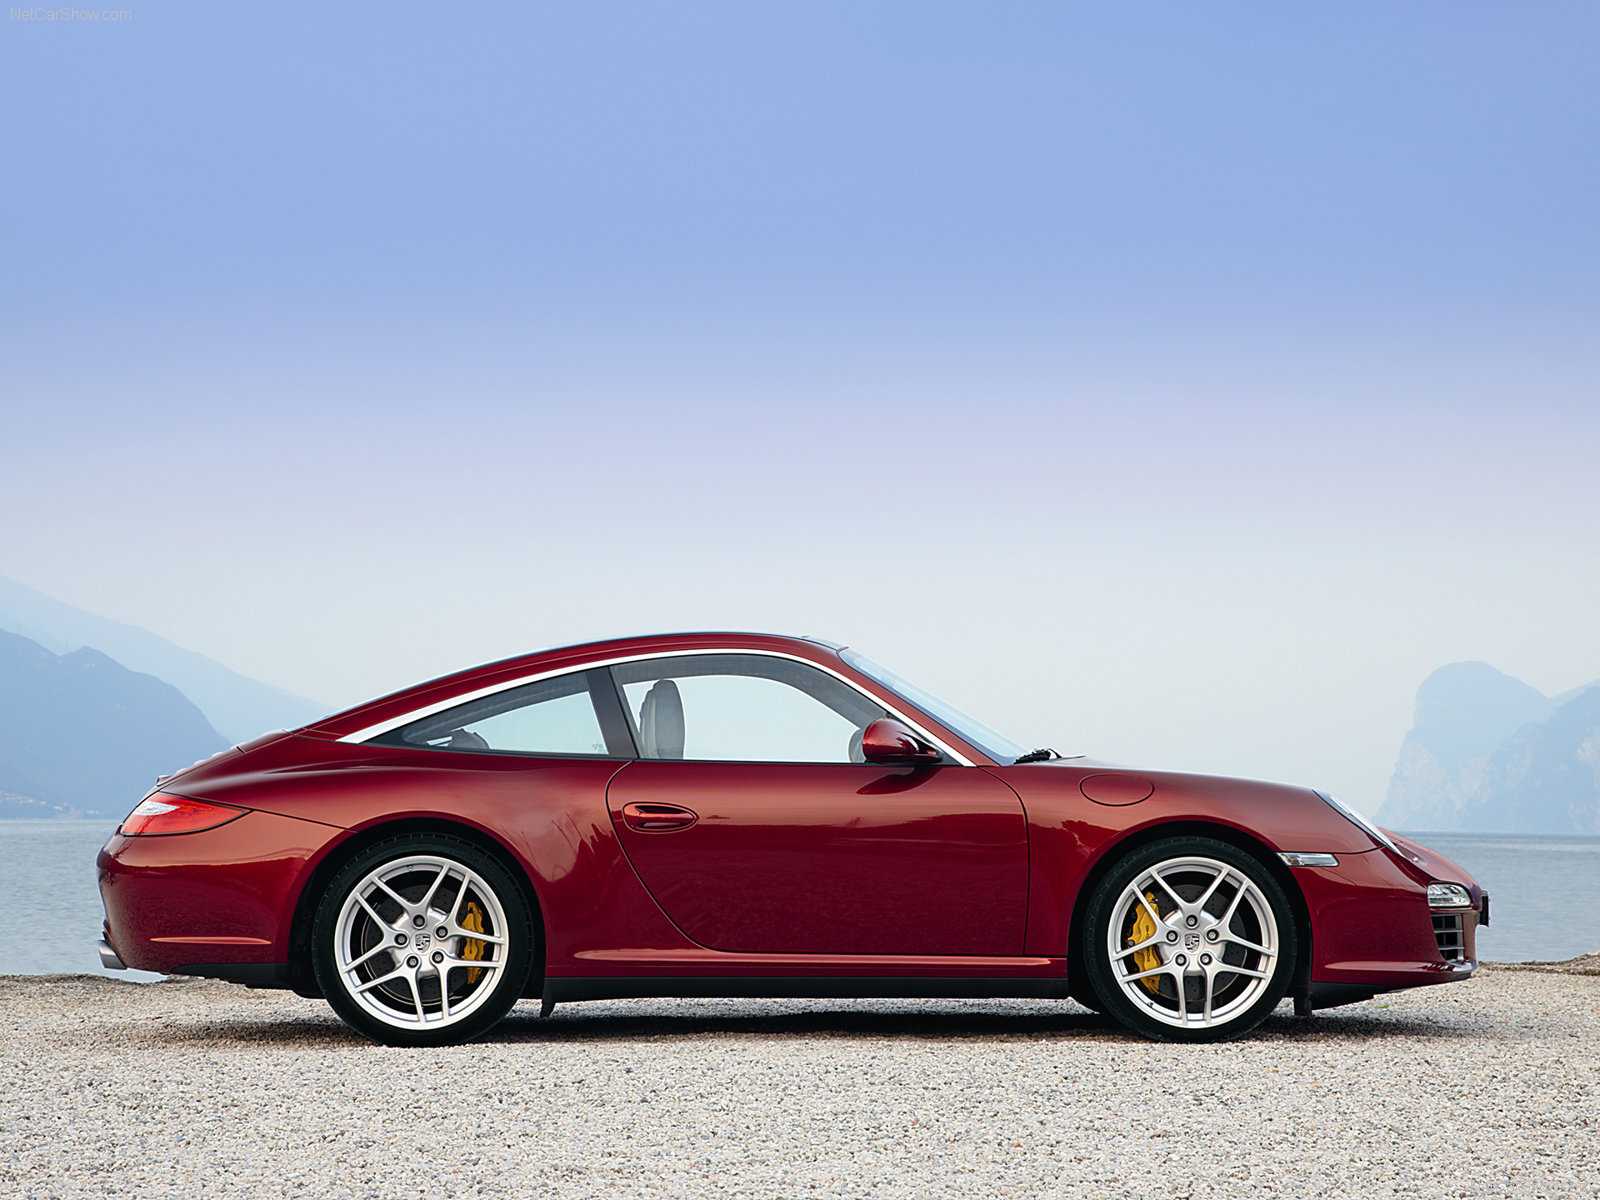 2009 Red Porsche 911 Targa 4 Wallpapers